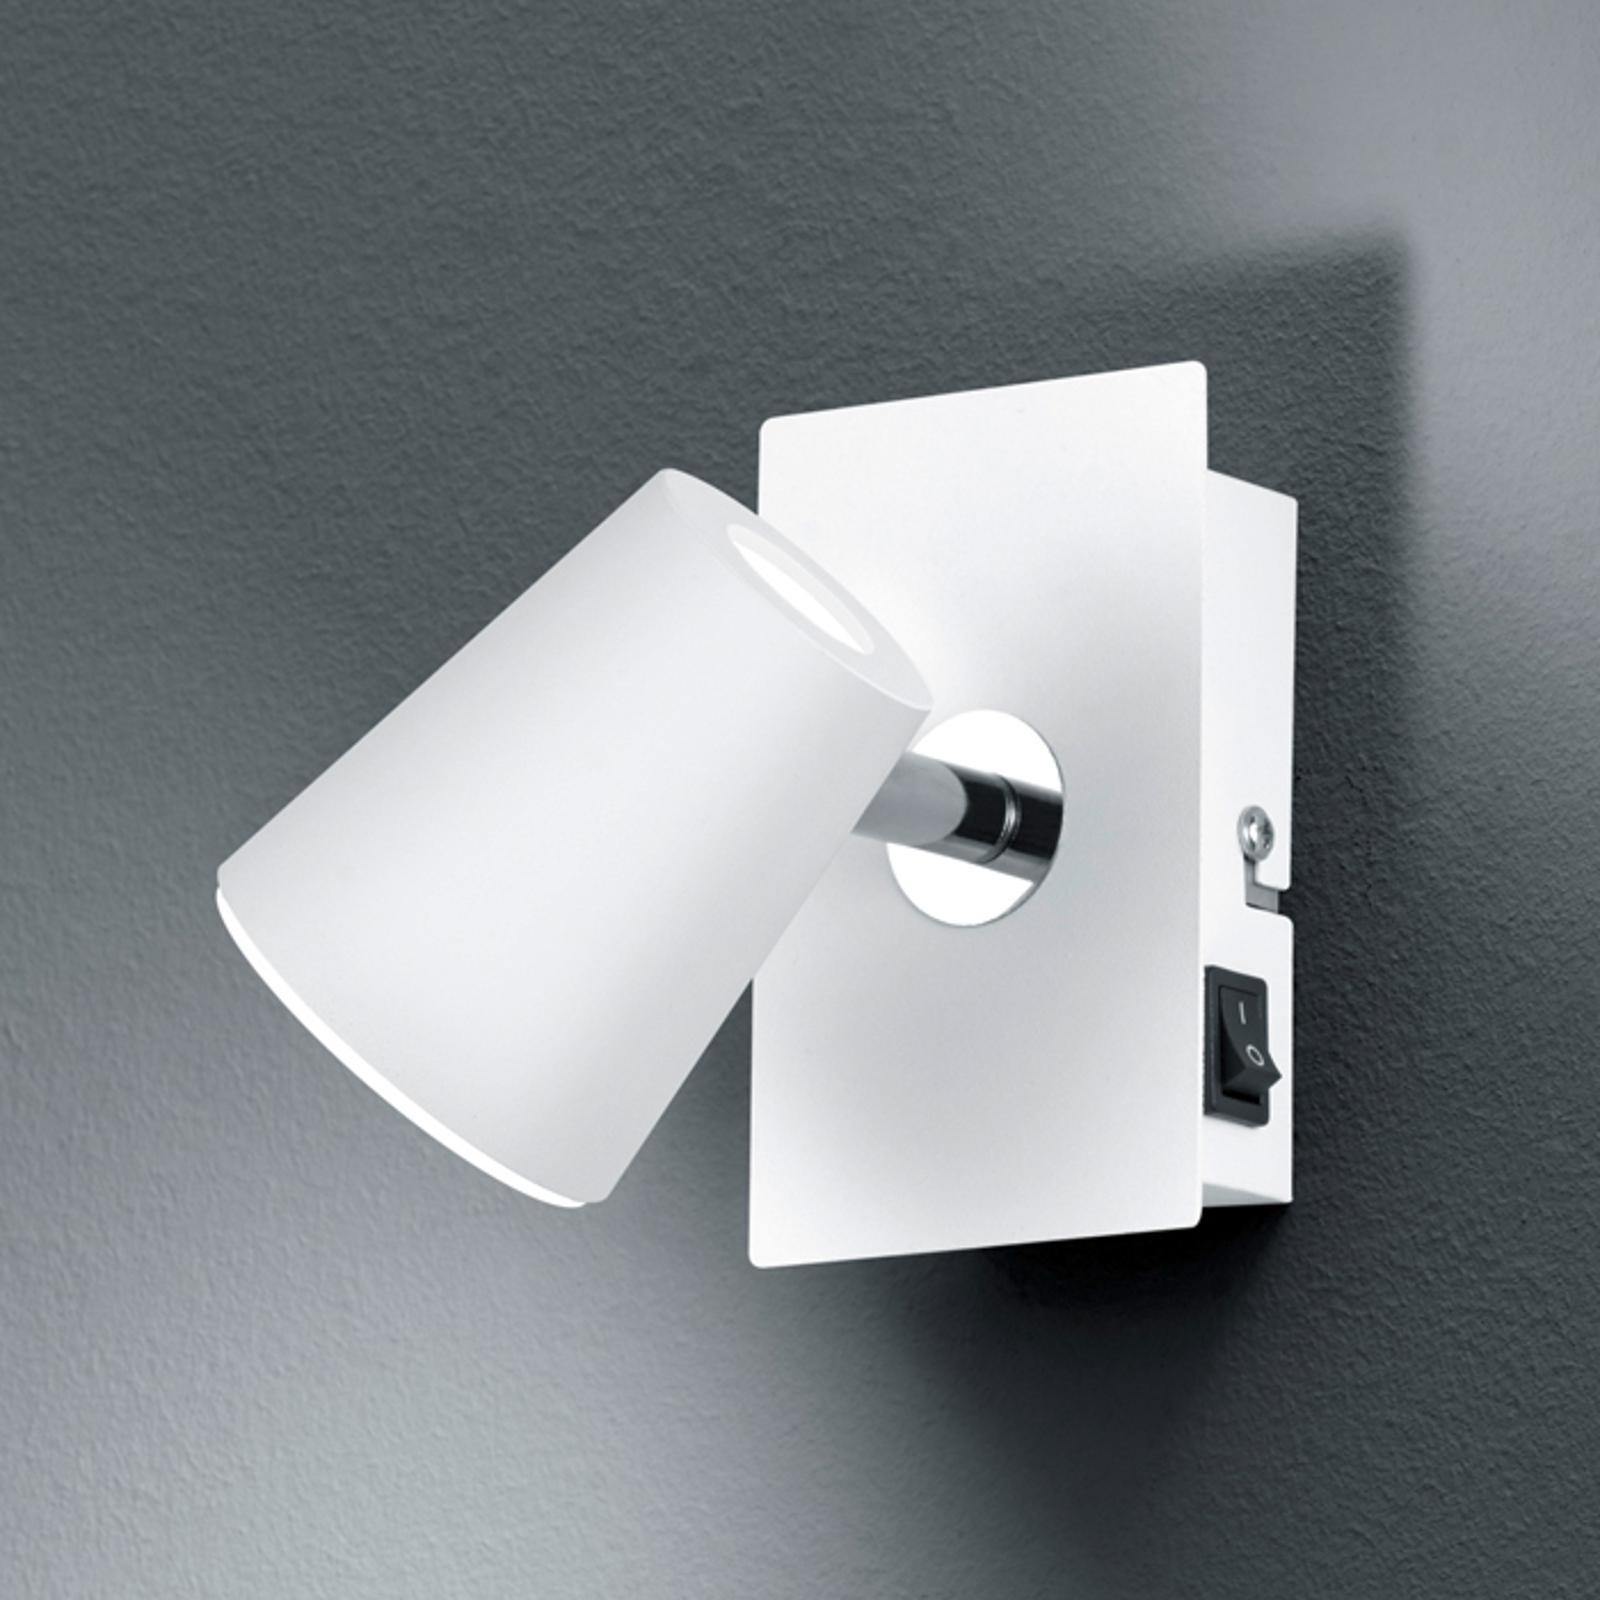 Valkoinen LED-seinäkohdevalaisin Narcos